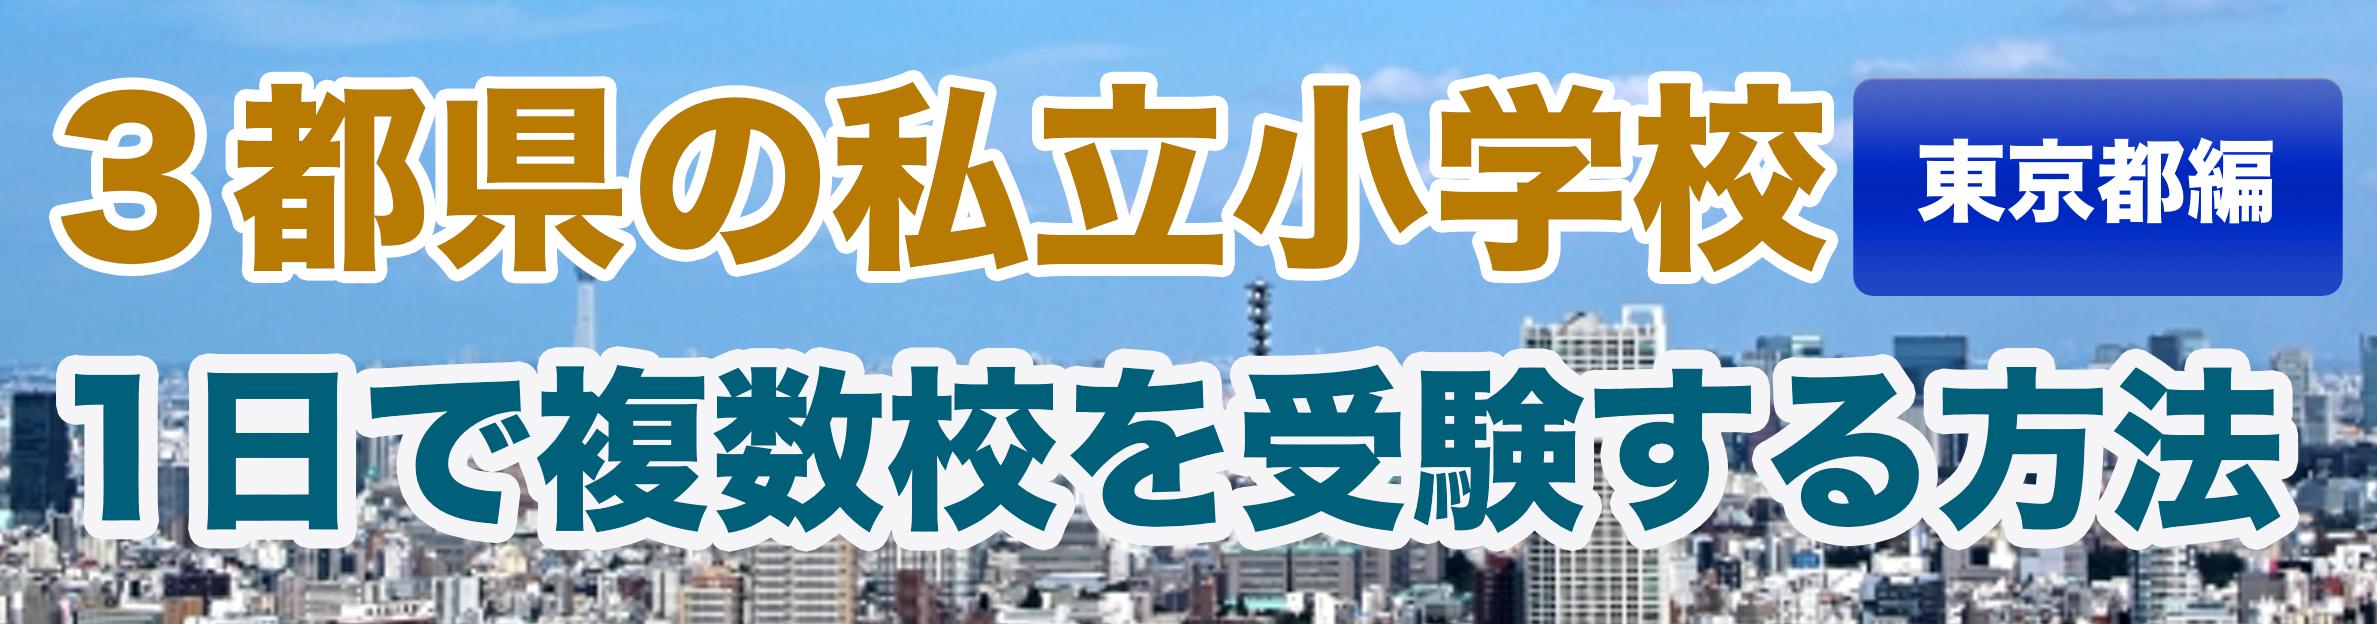 バナー 東京都特徴(ブログ用)